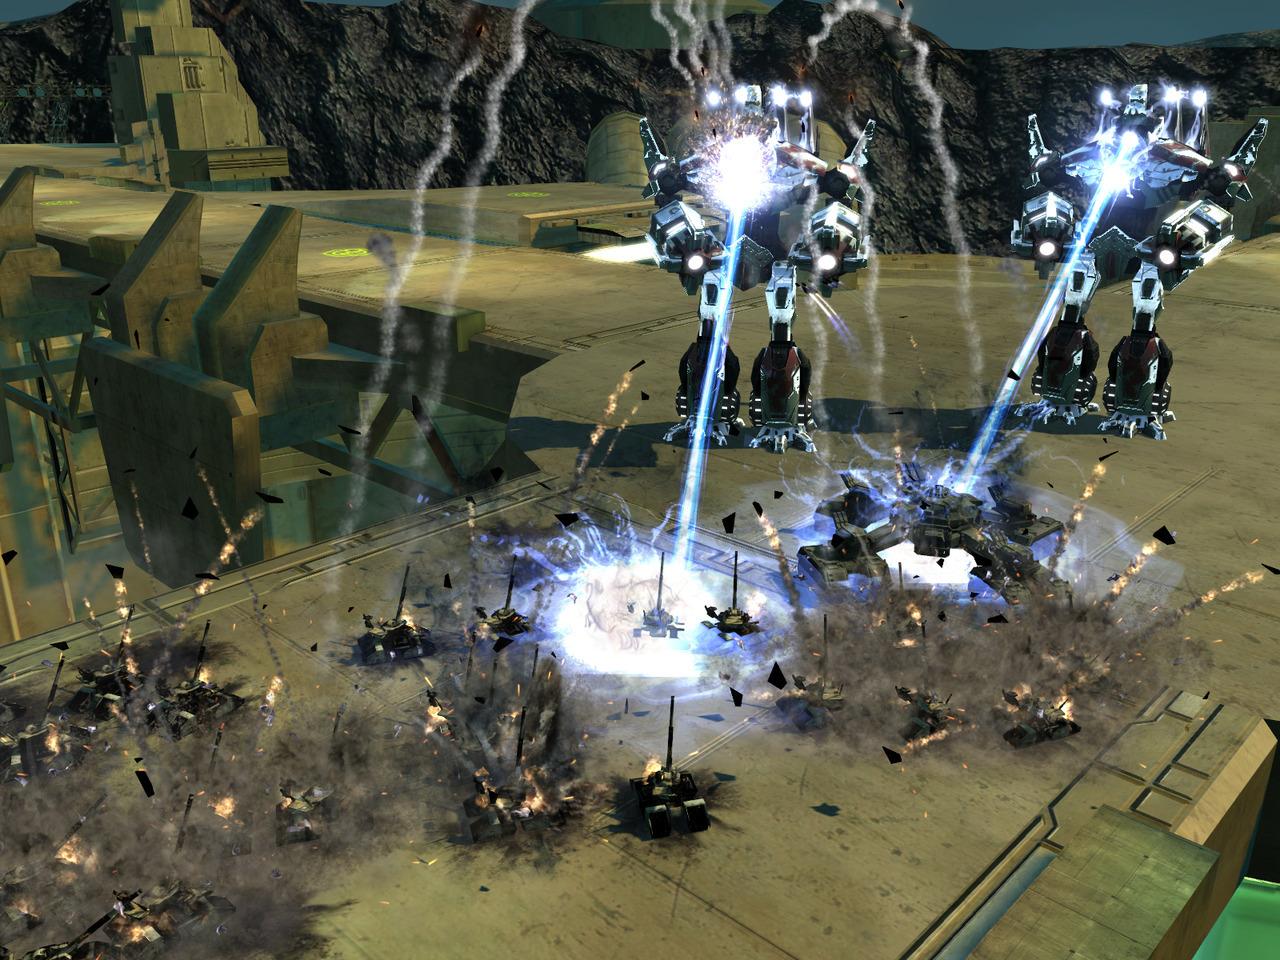 jeuxvideo.com Supreme Commander 2 - Xbox 360 Image 13 sur 159